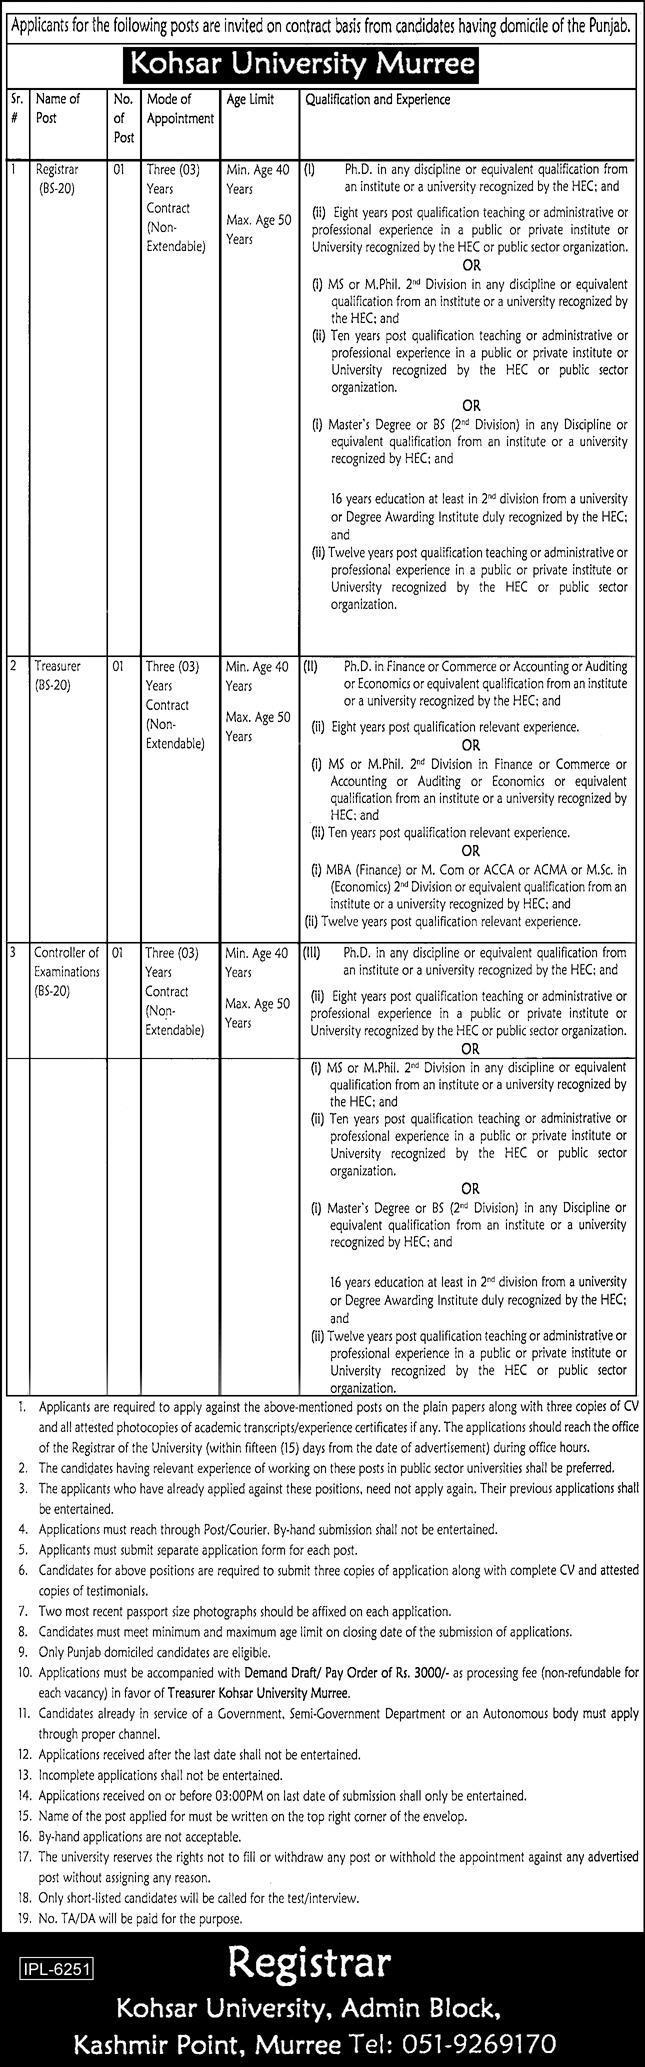 Kohsar University Murree Jobs 2021 in Pakistan